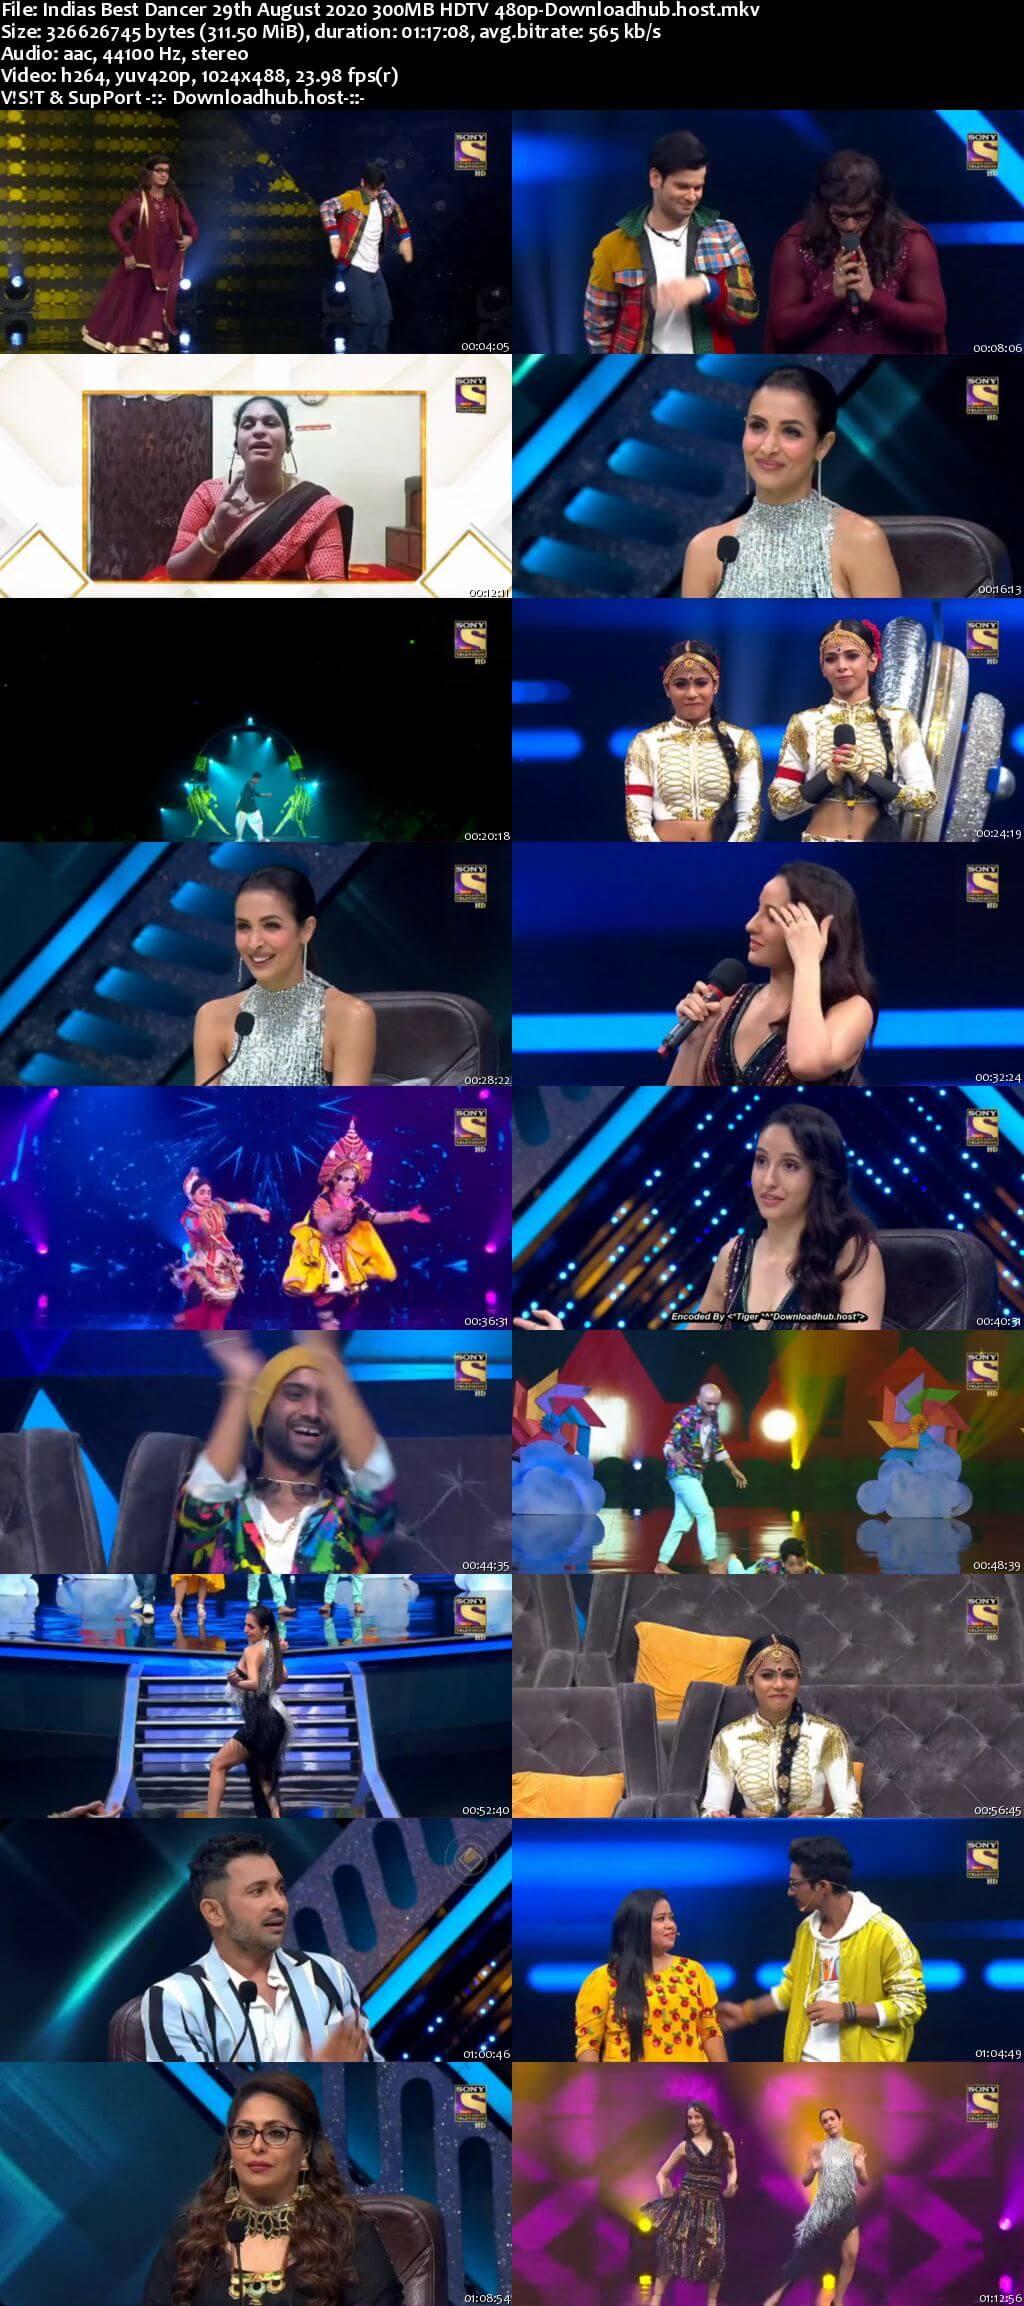 Indias Best Dancer 29 August 2020 Episode 23 HDTV 480p